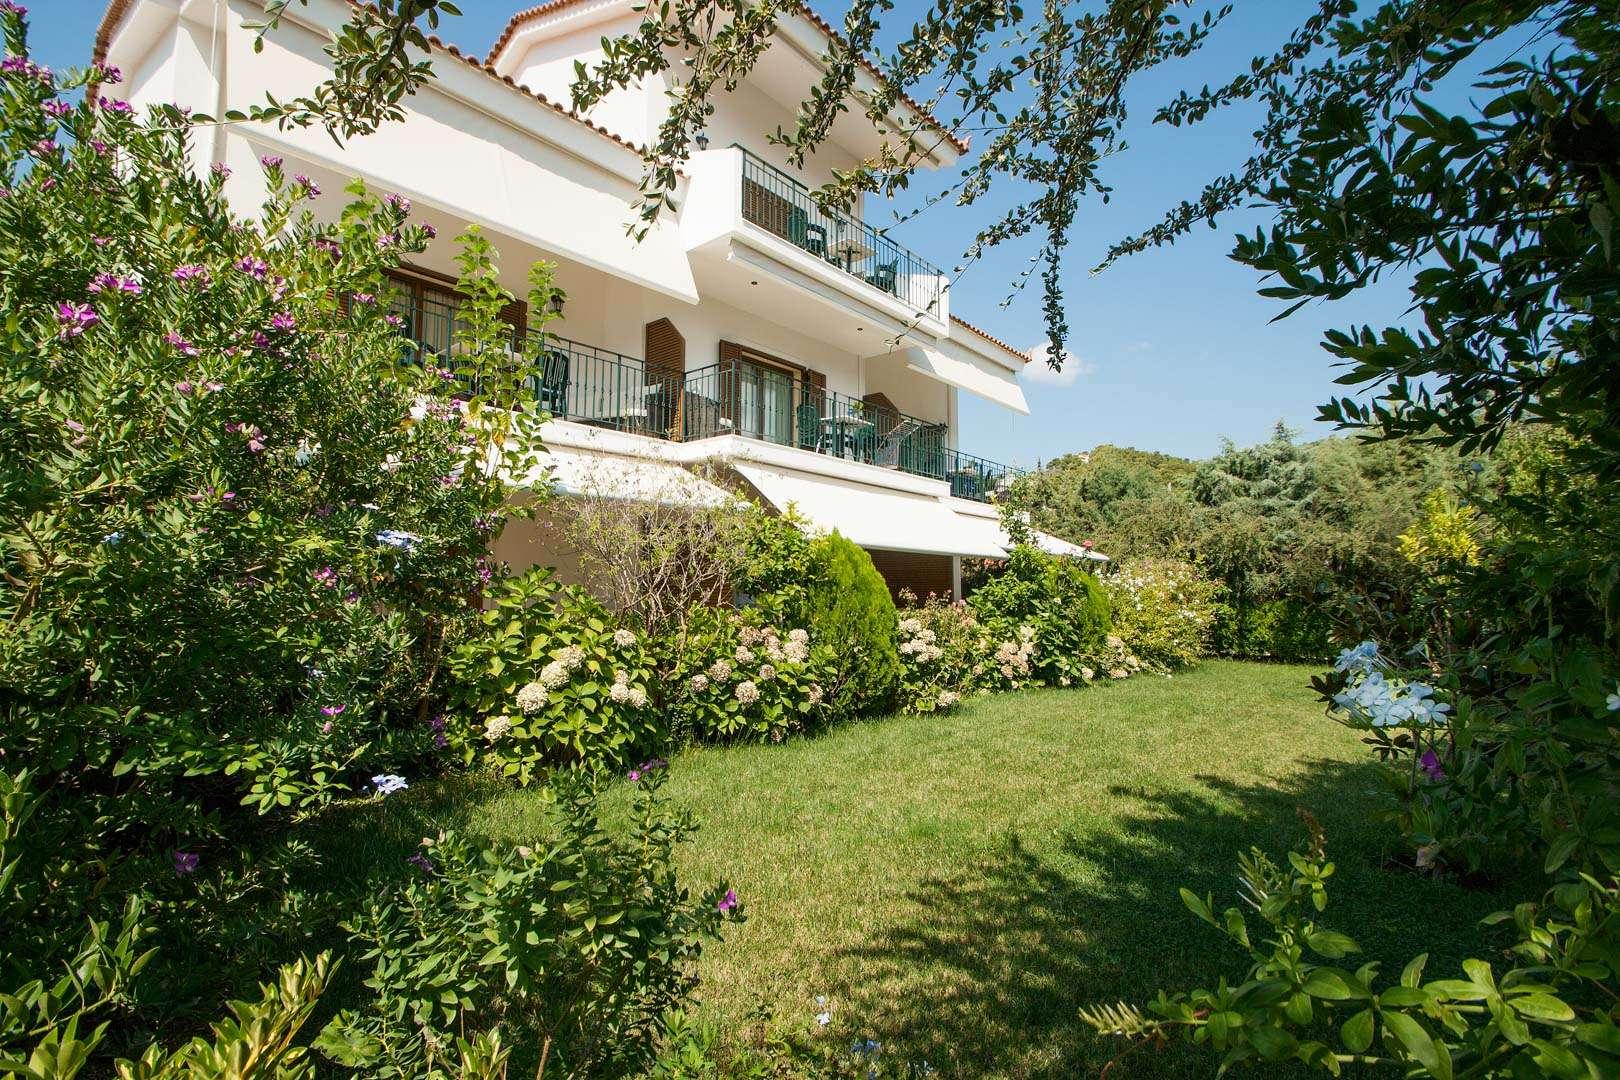 Nina's House Garden